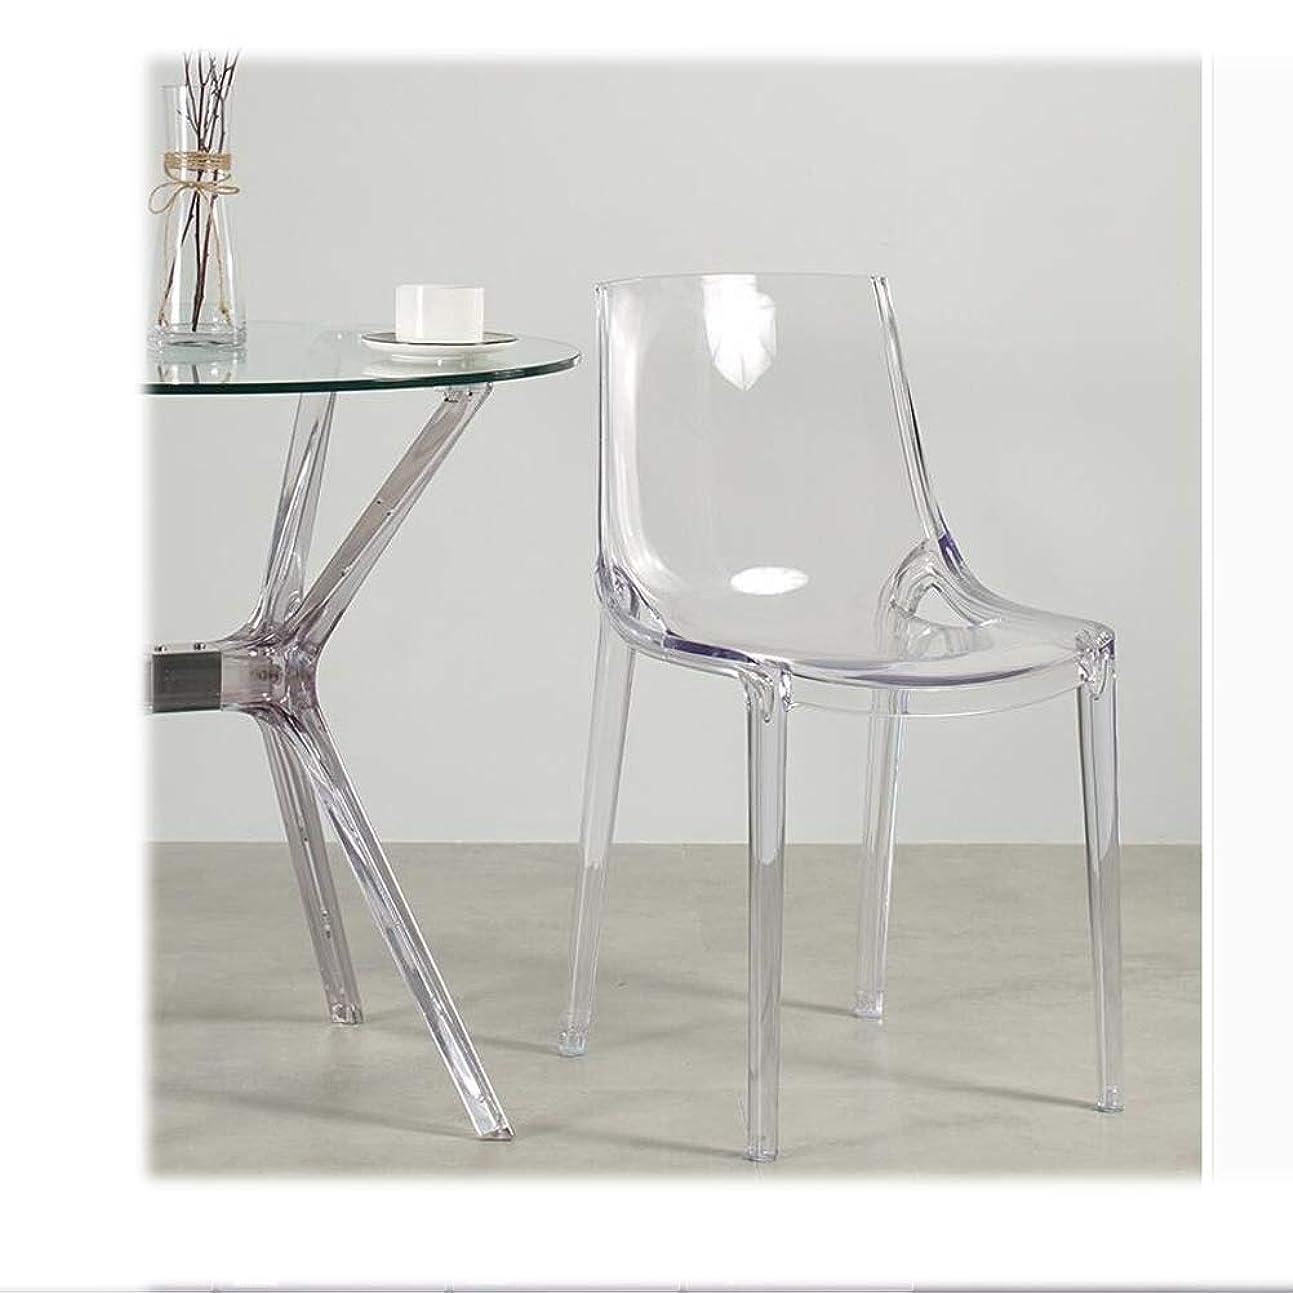 時代遅れ極小最悪LRZS-Furniture 北欧透明椅子アクリルプラスチック背もたれレジャーチェアシンプルモダンダイニングチェアクリスタルチェア悪魔ゴーストチェア (色 : クリア)